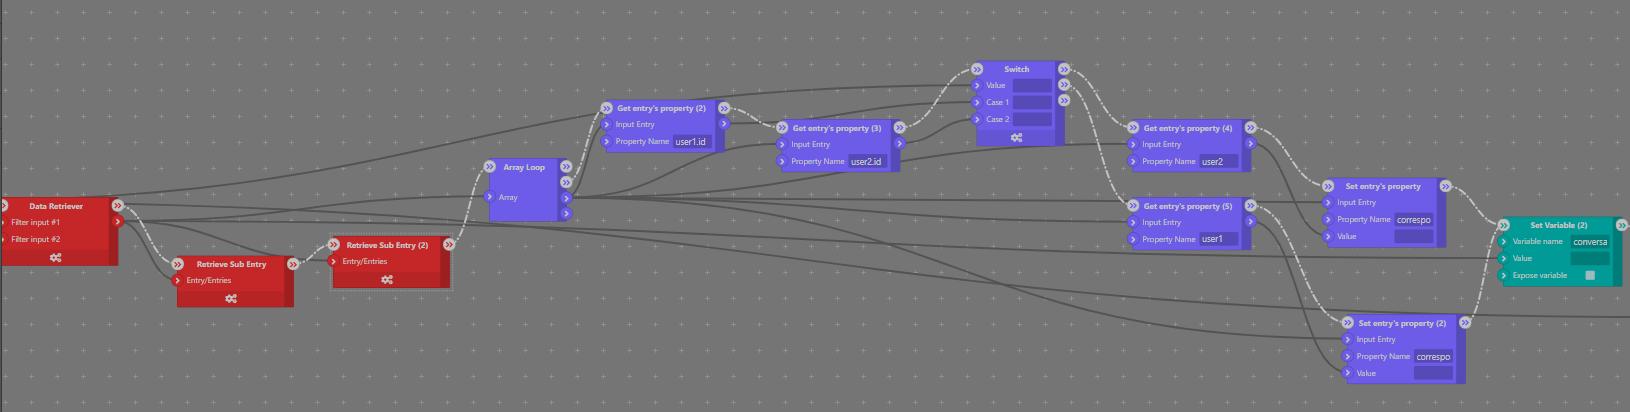 User1/User2 Workflow Logic - Sktch.io No-Code Builder